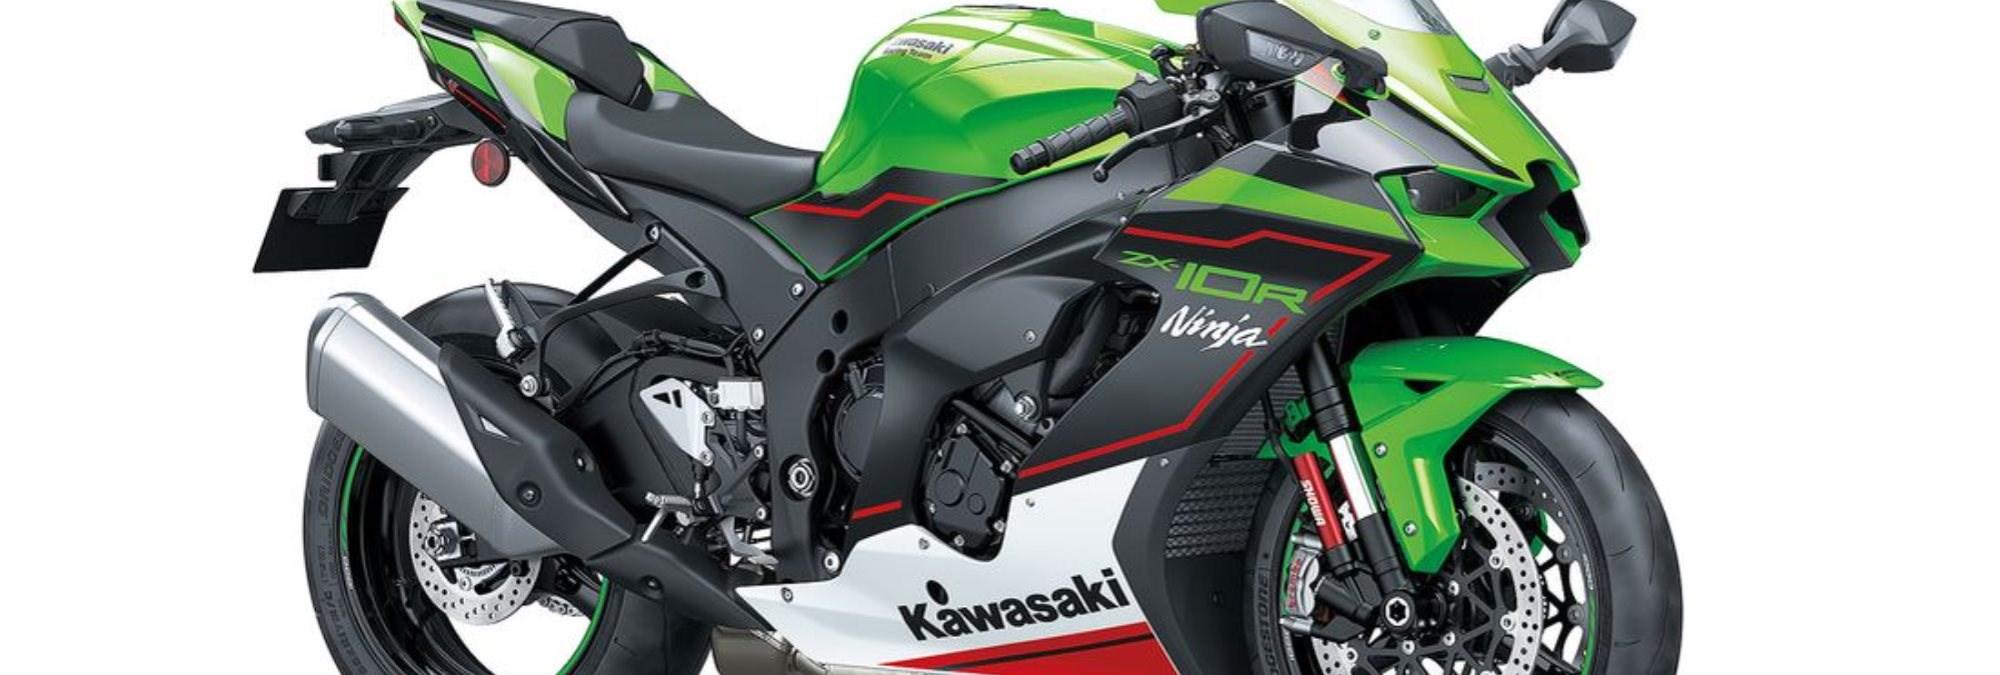 Die neue Kawasaki ZX-10 R